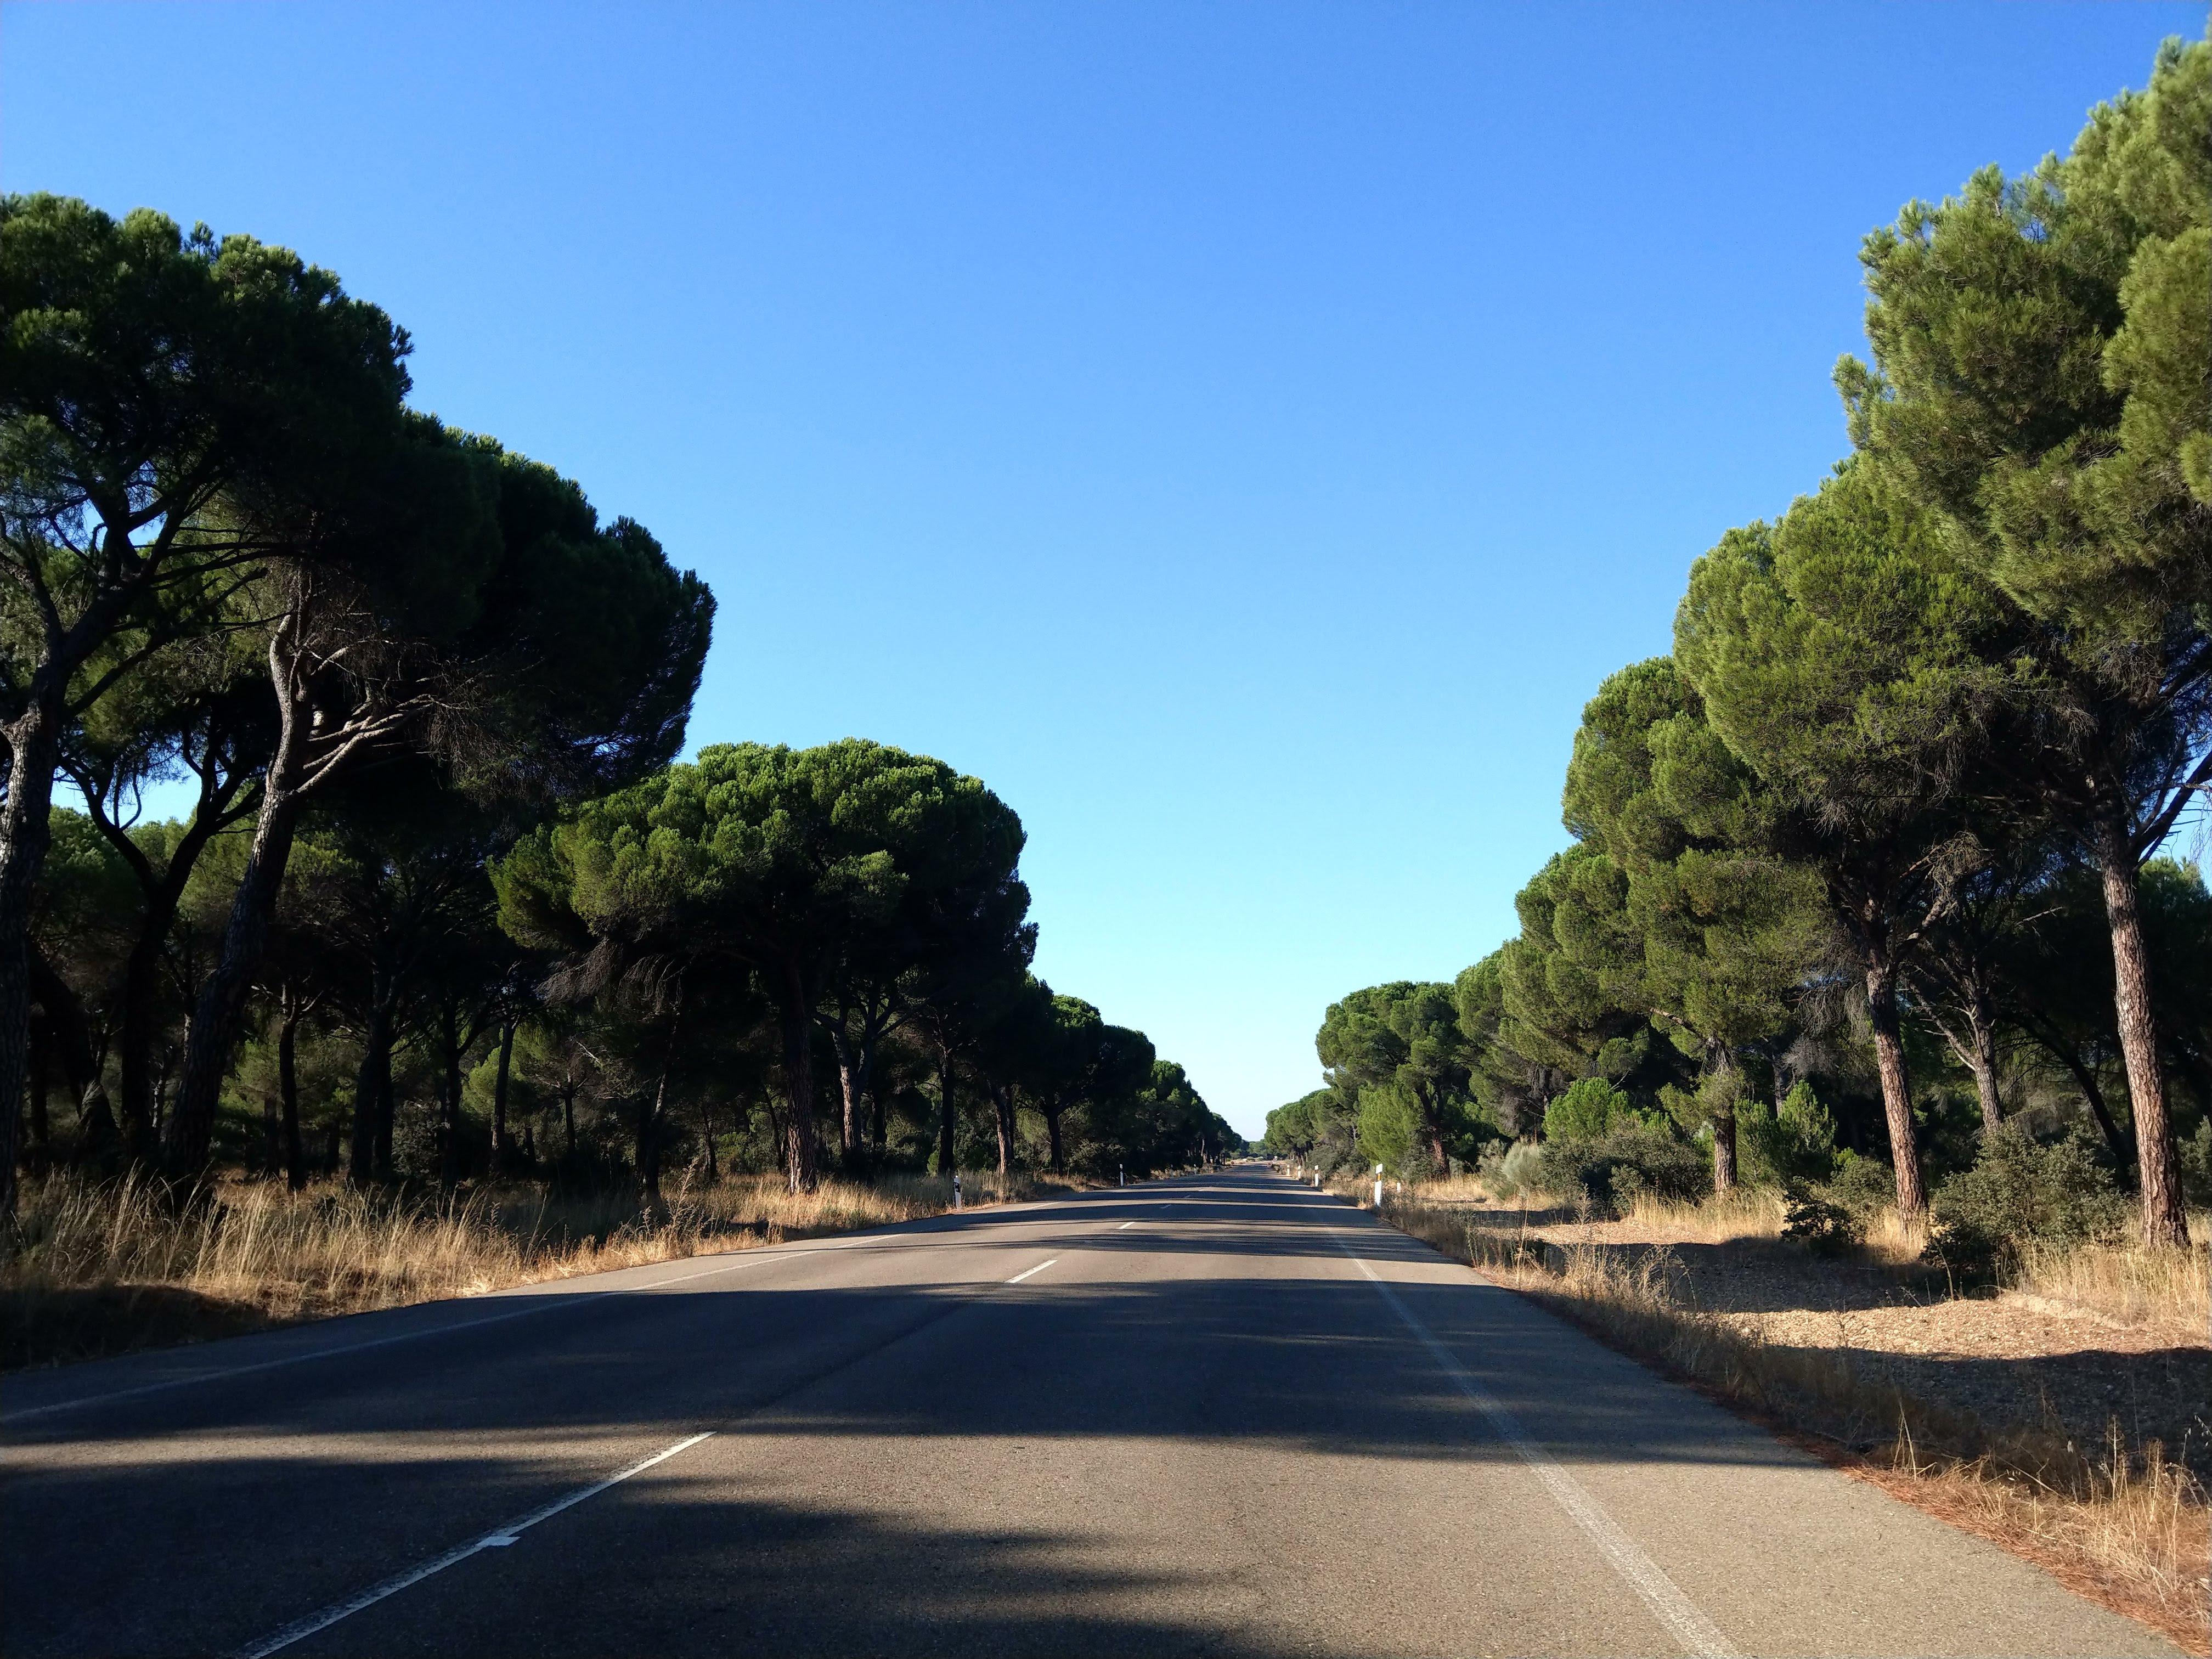 Straße mit Bäumen und Schatten